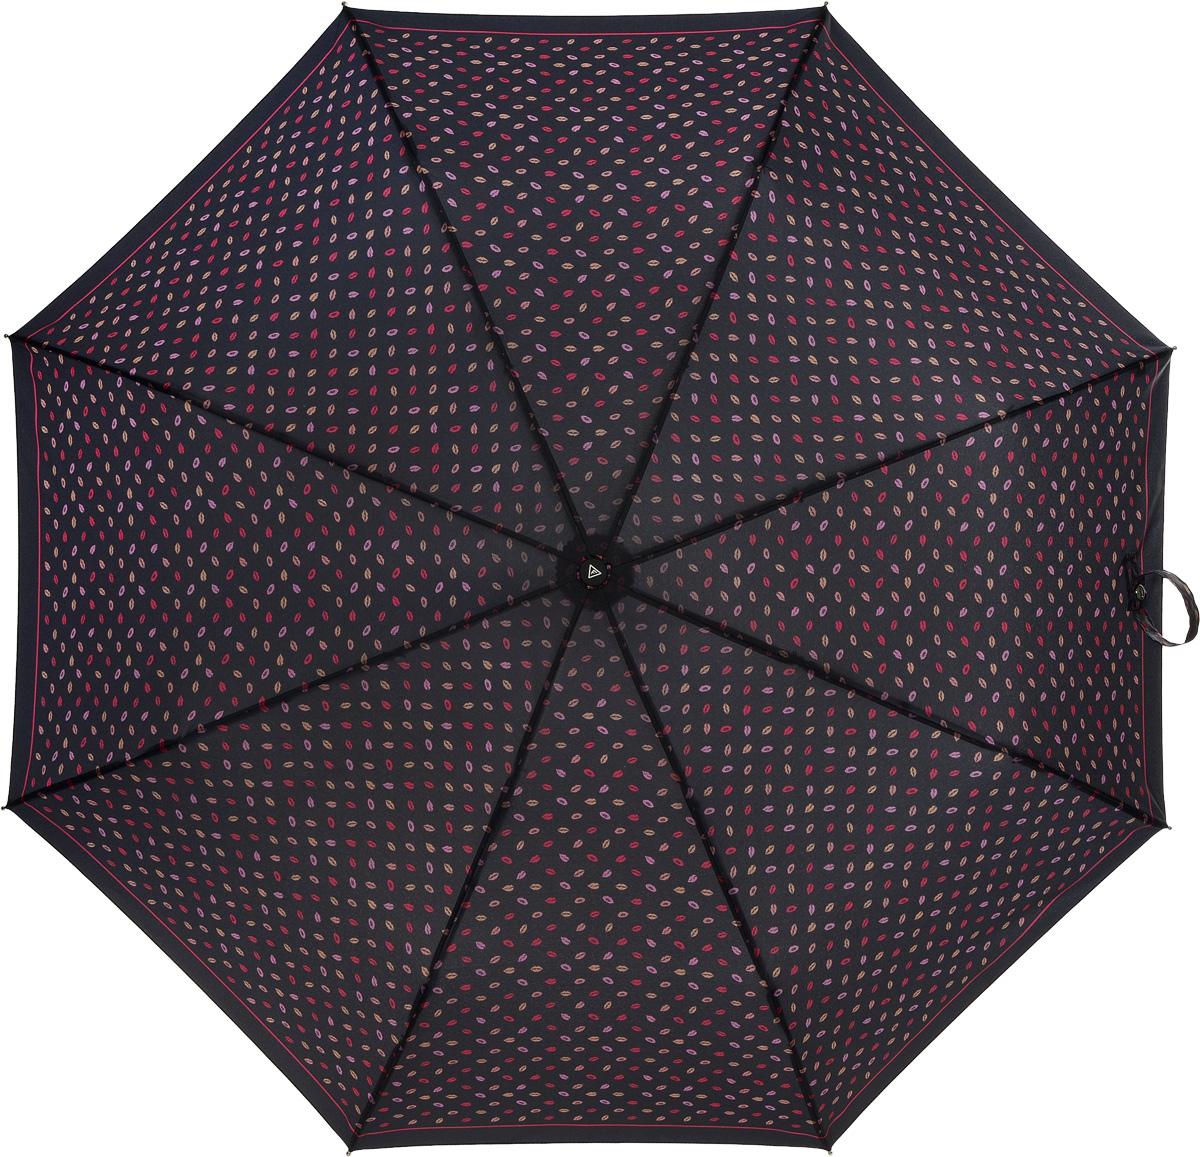 Зонт женский Fabretti, автомат, 3 сложения, цвет: мульколор. L-16102-12L-16102-12Зонт женский Fabretti, облегченный суперавтомат, 3 сложения.Женский зонт Fabretti имеет стильный, неброский дизайн и прекрасно подойдет для создания образа в стиле 50-х, яркий принт со следами поцелуев добавит ноту озорства.